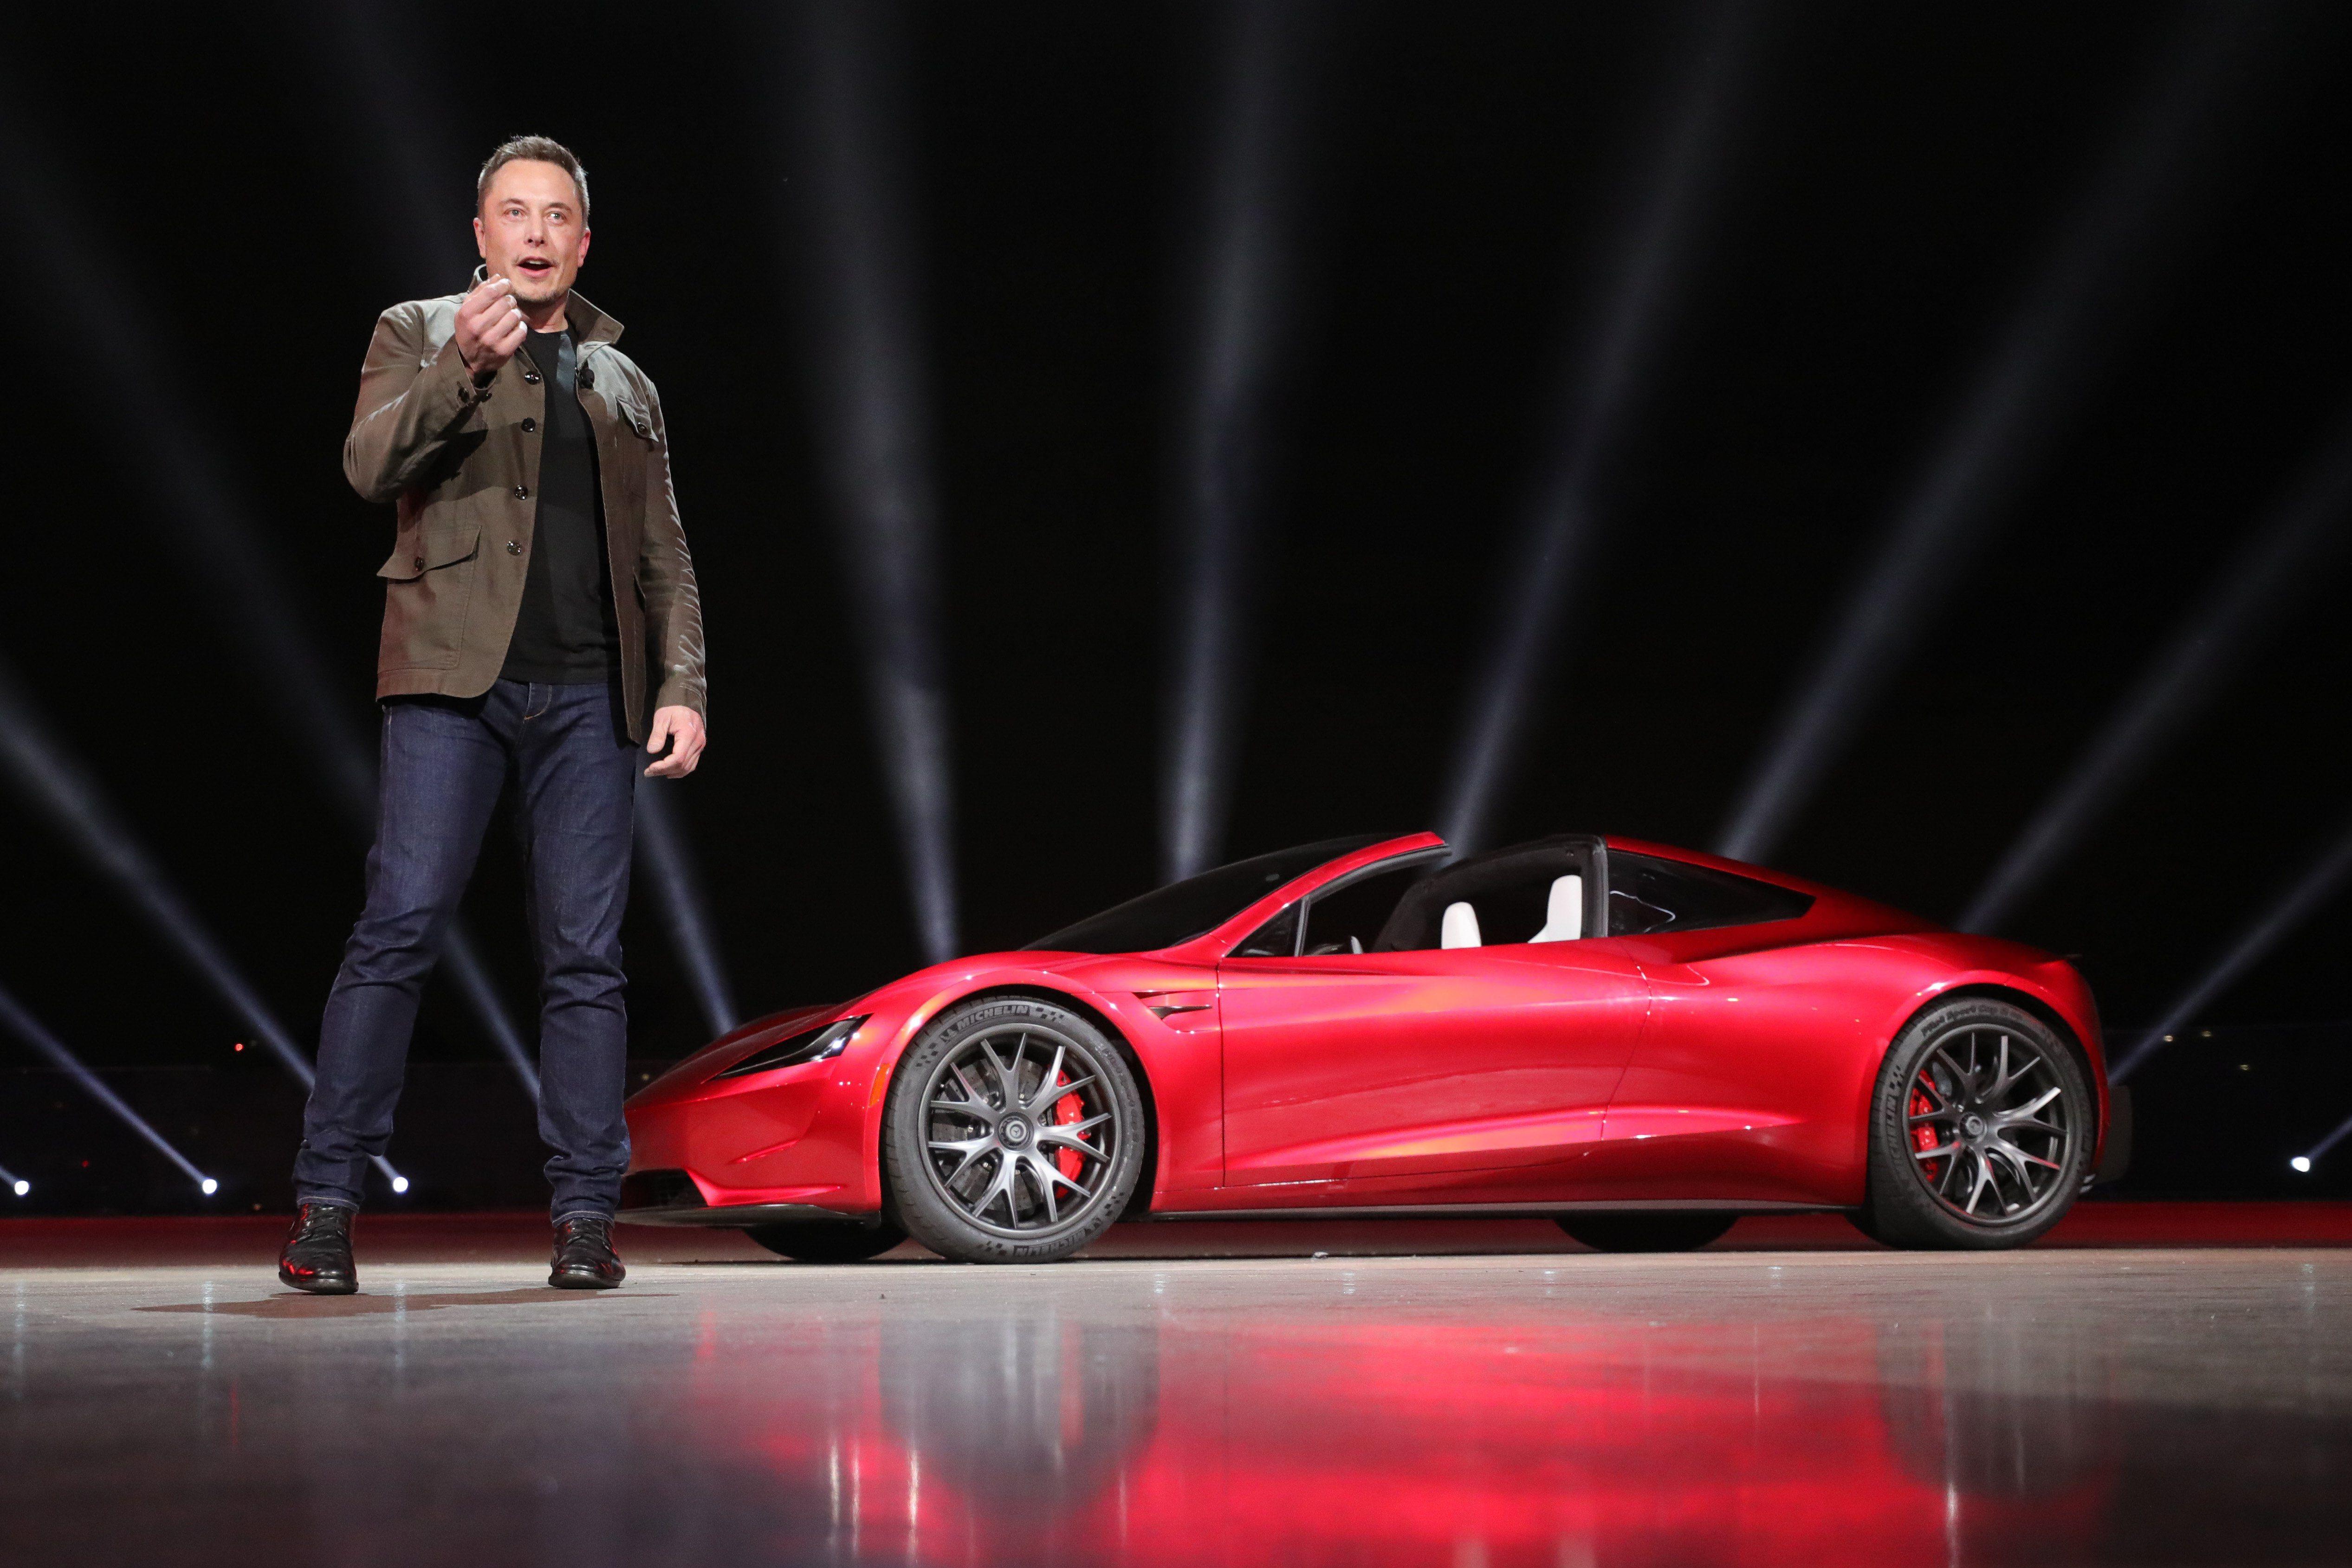 A Tesla alapítója, Elon Musk beszél az új Tesla Roadster előtt 2017. november 16-án, Los Angelesben. EPA/TESLA HANDOUT